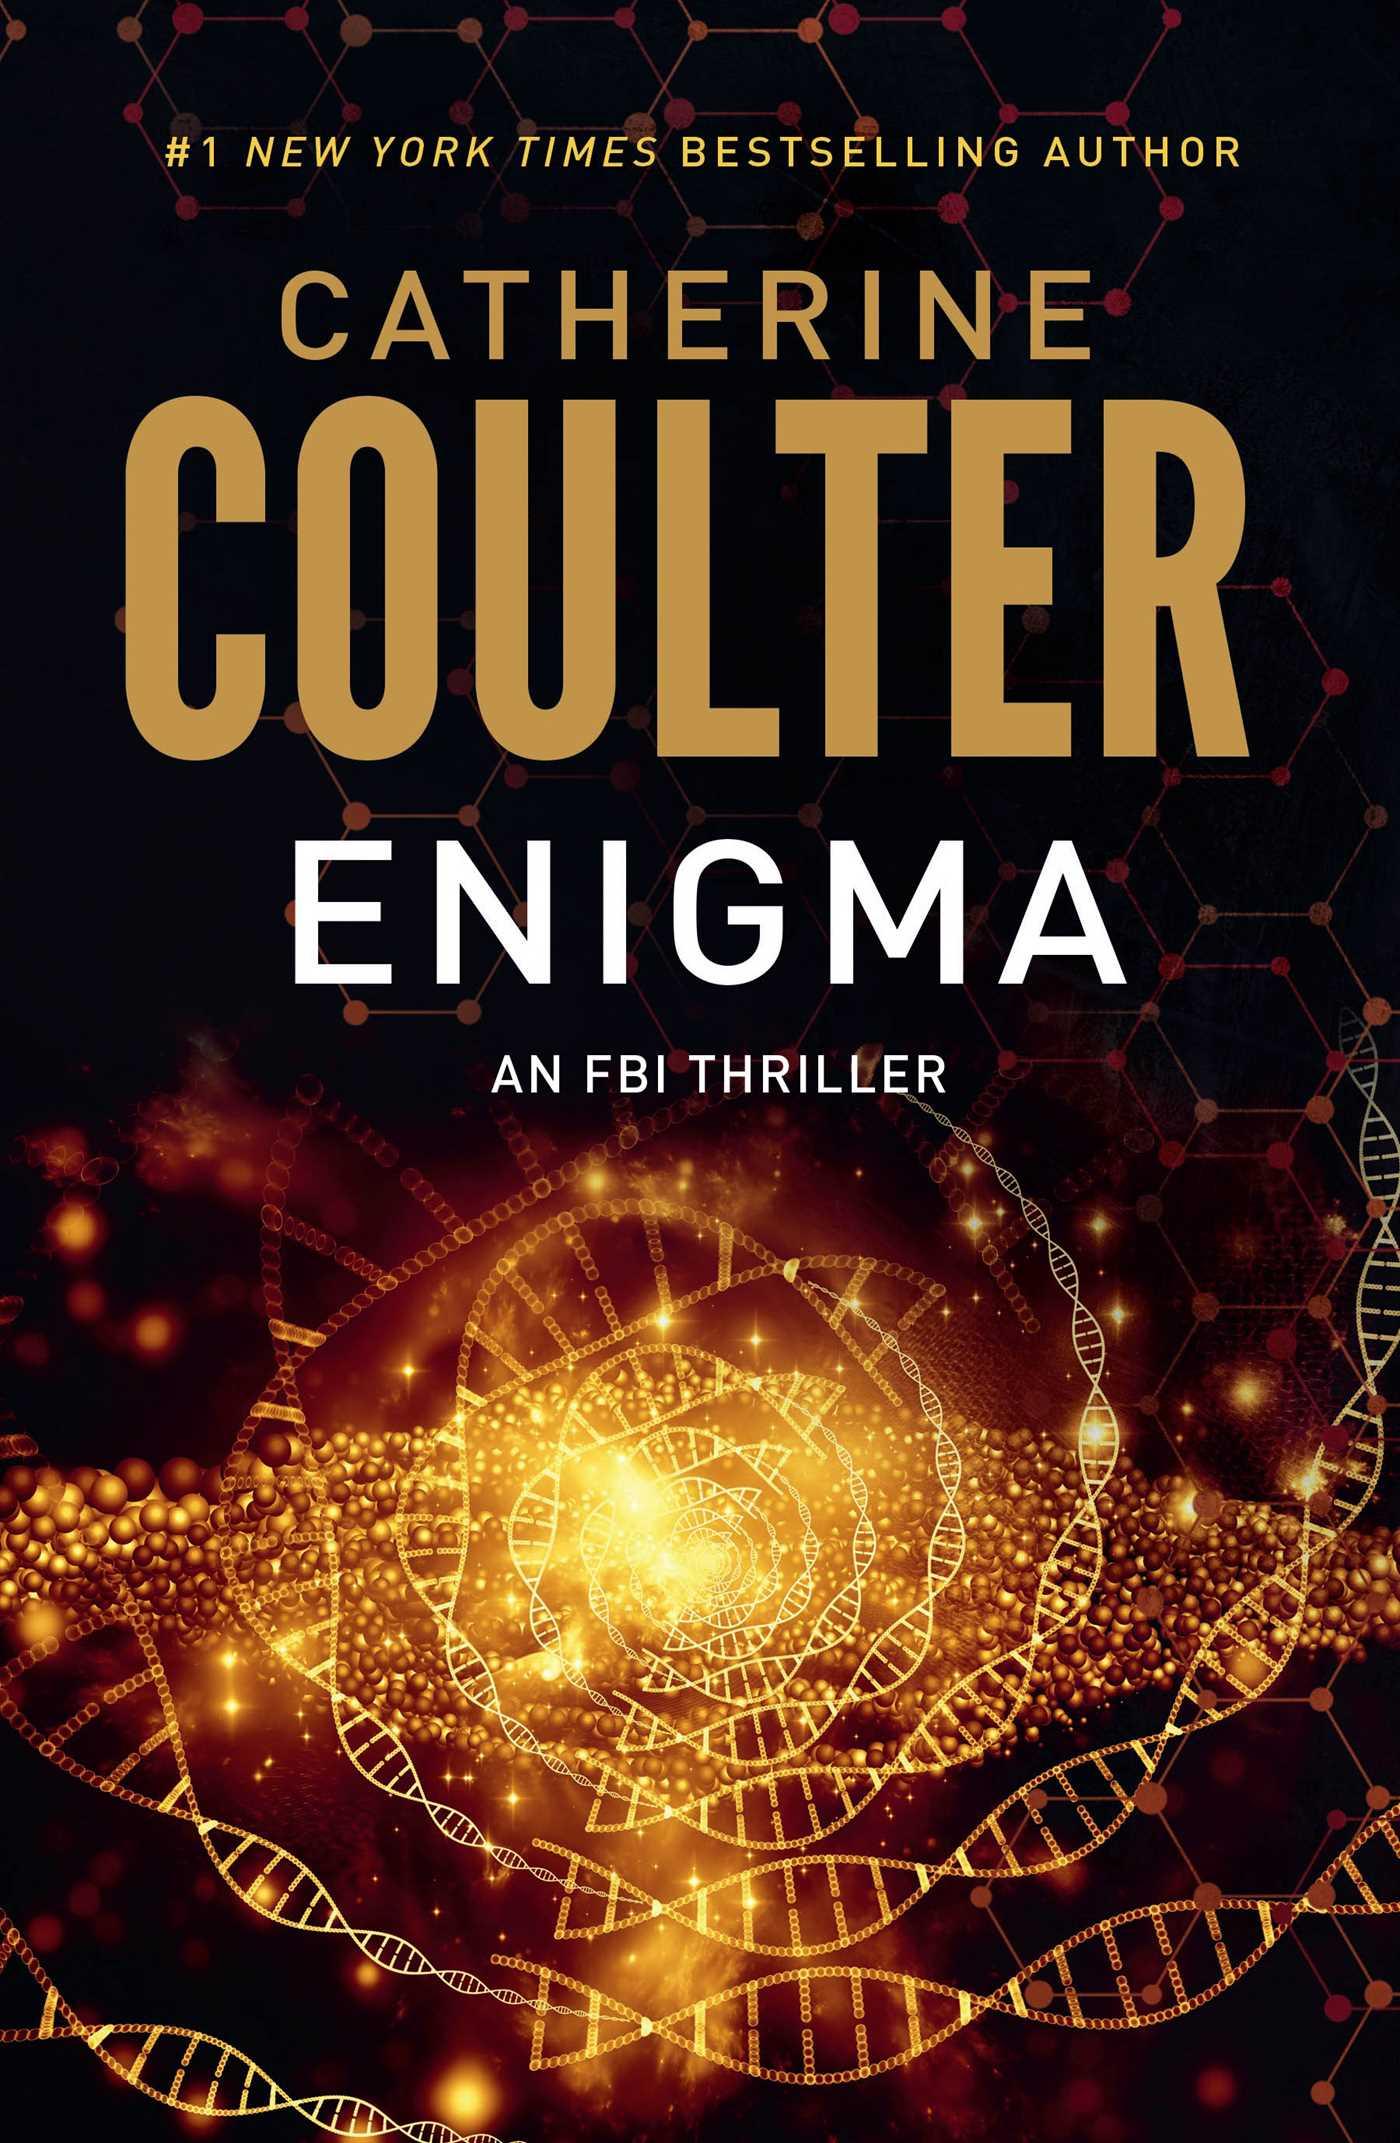 Enigma an fbi thriller 9781925596014 hr